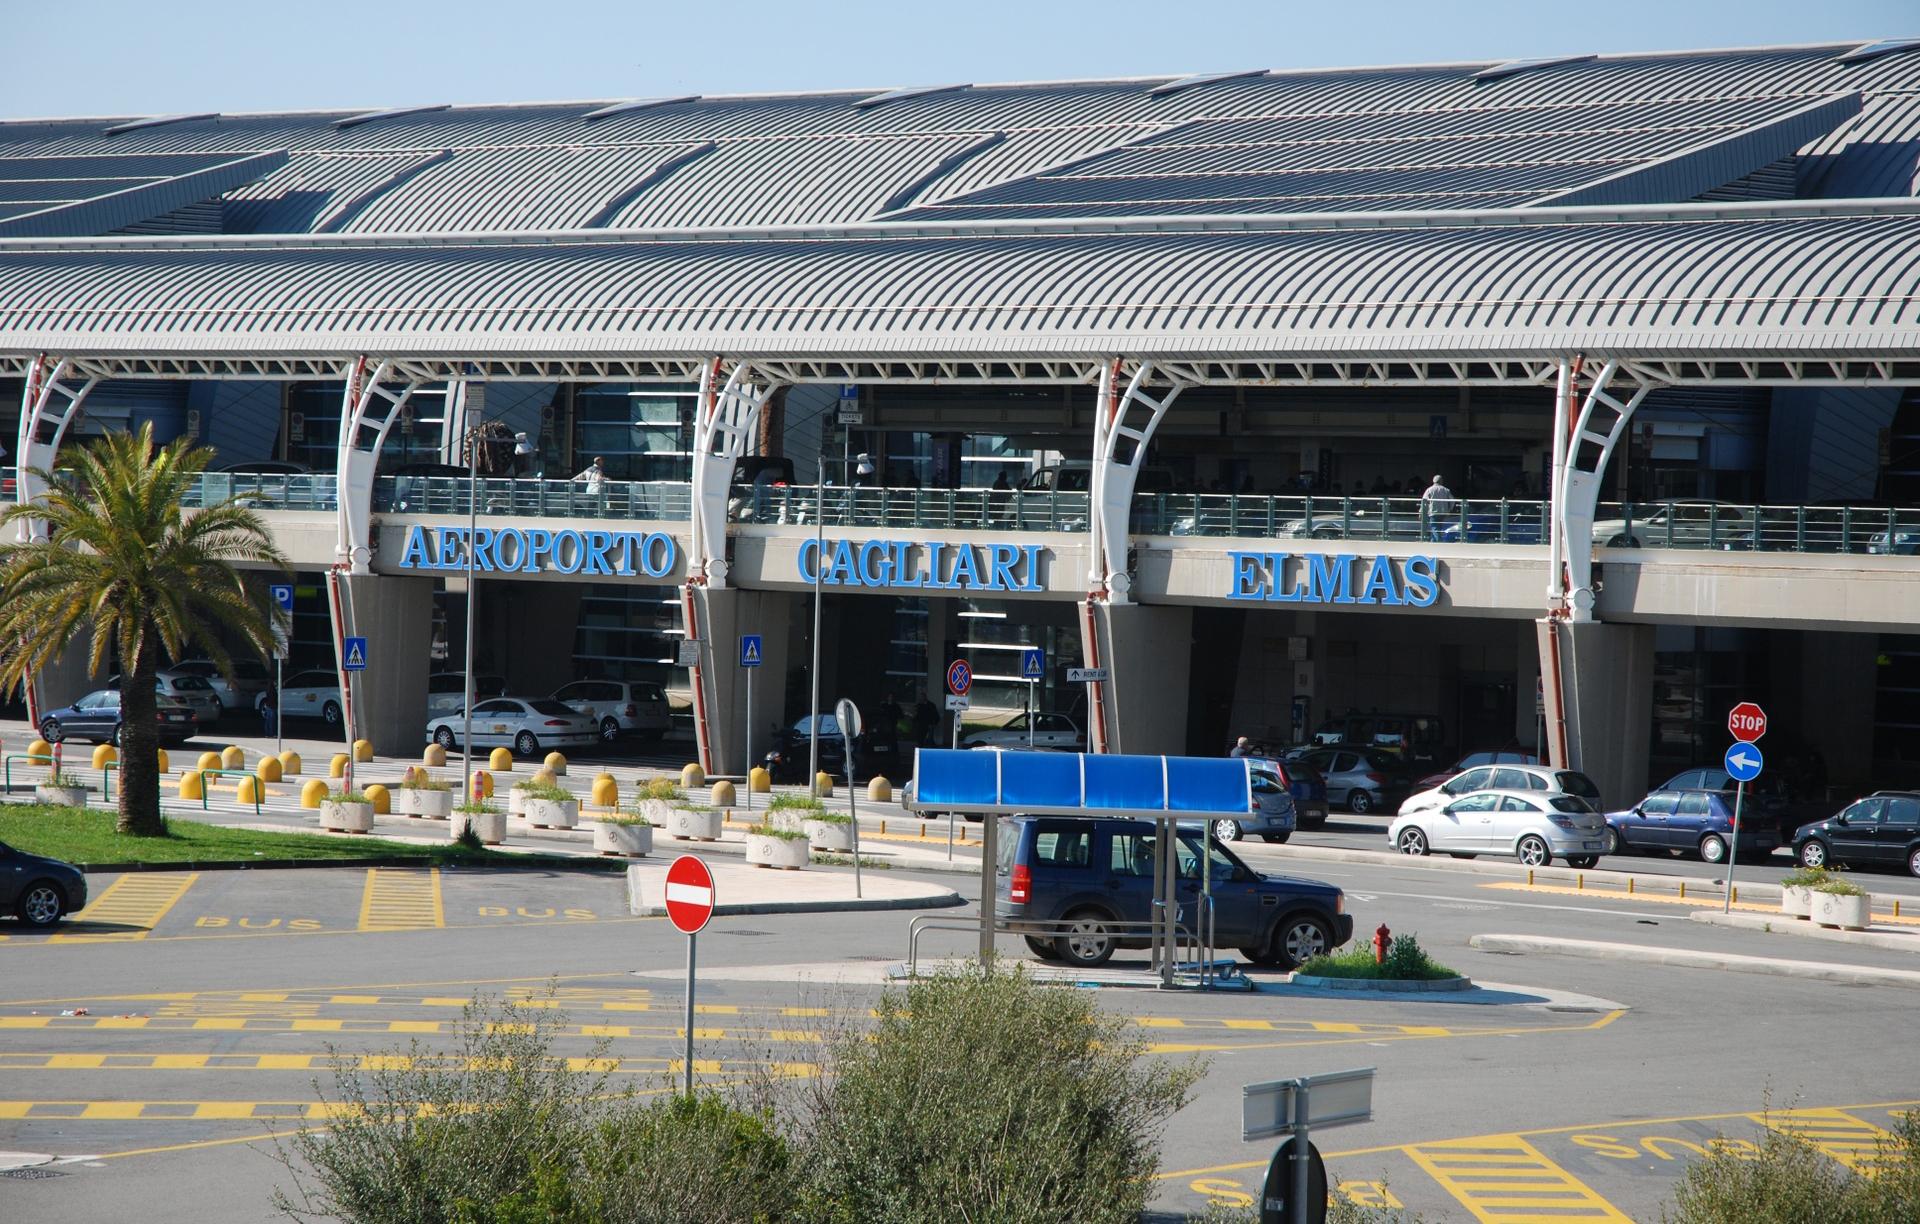 Cagliari Aeroporto di Elmas Esterno